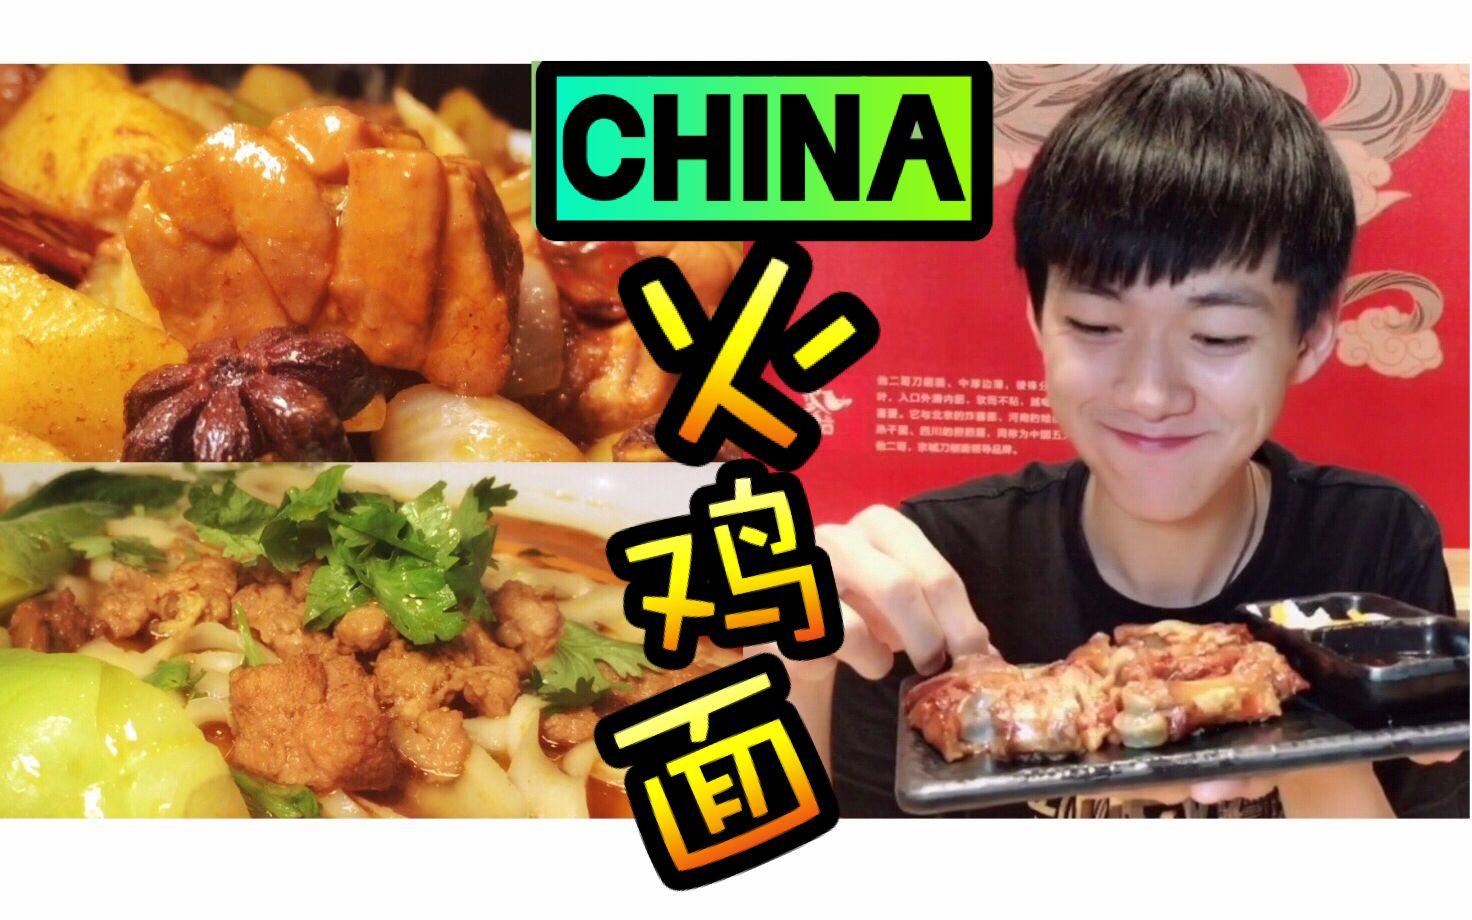 【陈佳佳】在北京托关系才能吃得到的山西大盘鸡刀削面?结尾彩蛋男神温柔乡~吃播~